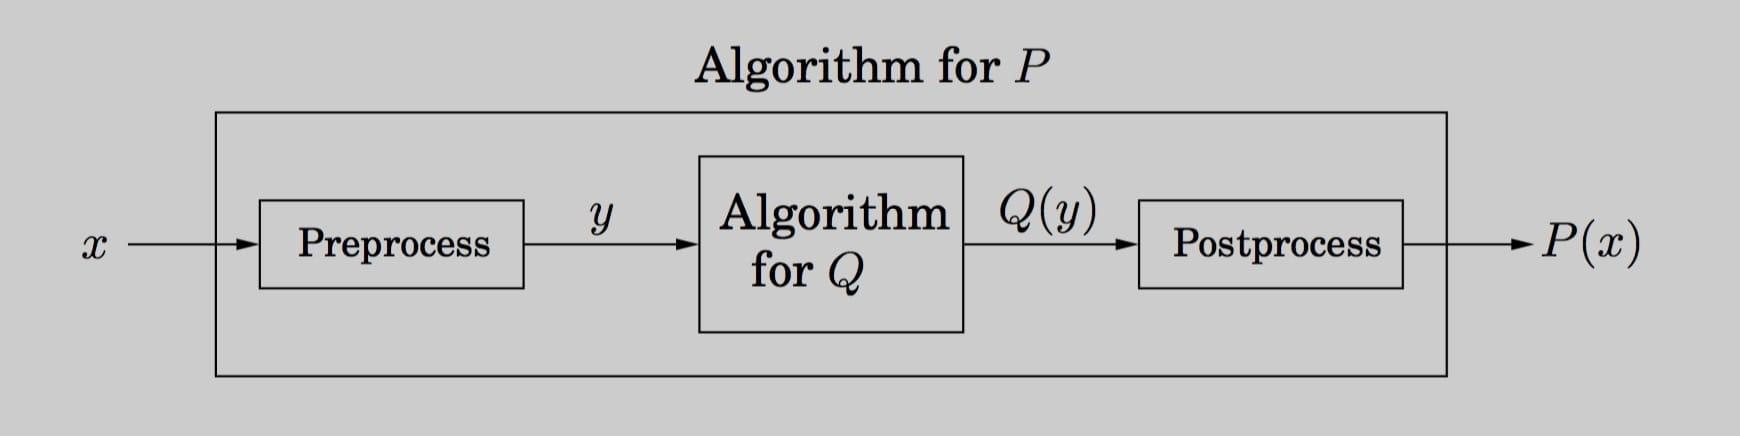 Algorithm for P